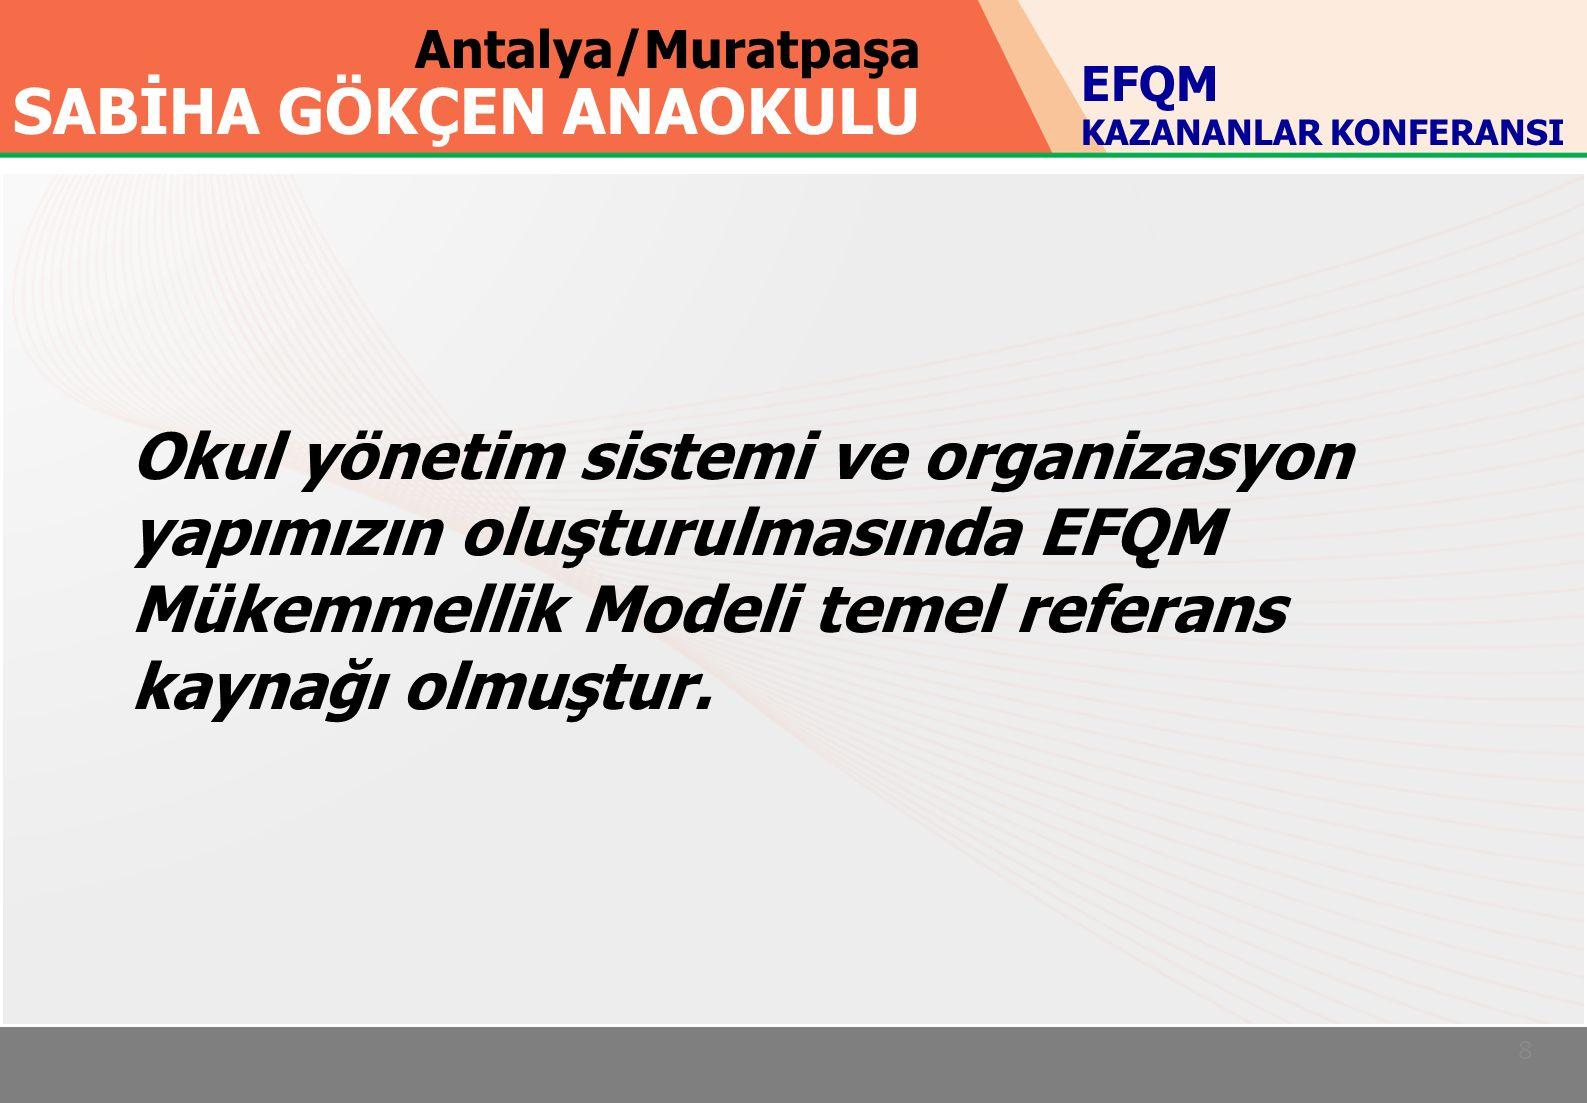 Antalya/Muratpaşa SABİHA GÖKÇEN ANAOKULU 8 EFQM KAZANANLAR KONFERANSI Okul yönetim sistemi ve organizasyon yapımızın oluşturulmasında EFQM Mükemmellik Modeli temel referans kaynağı olmuştur.